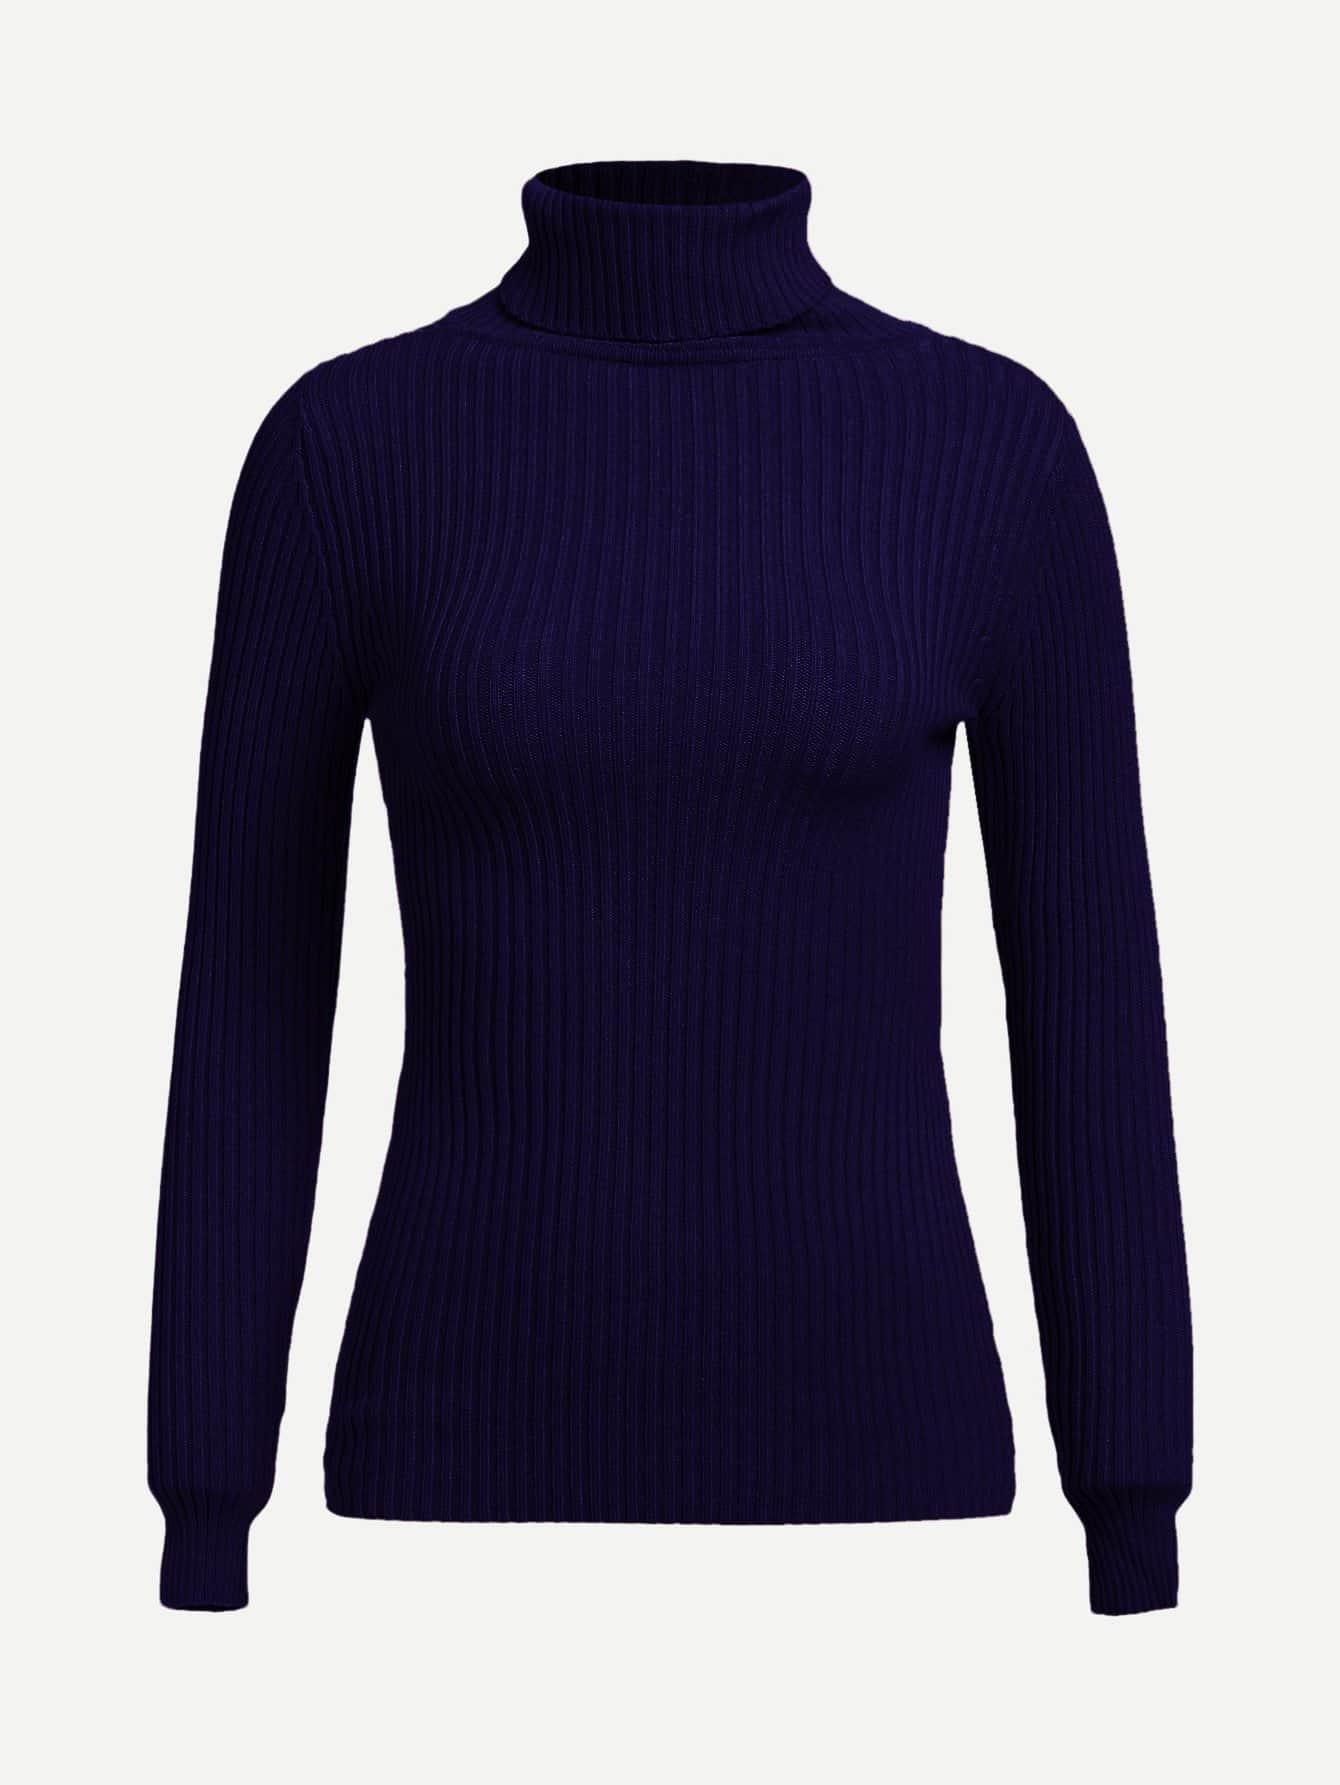 Купить Высокий шея Rib Knit Slim Fitted Sweater, null, SheIn